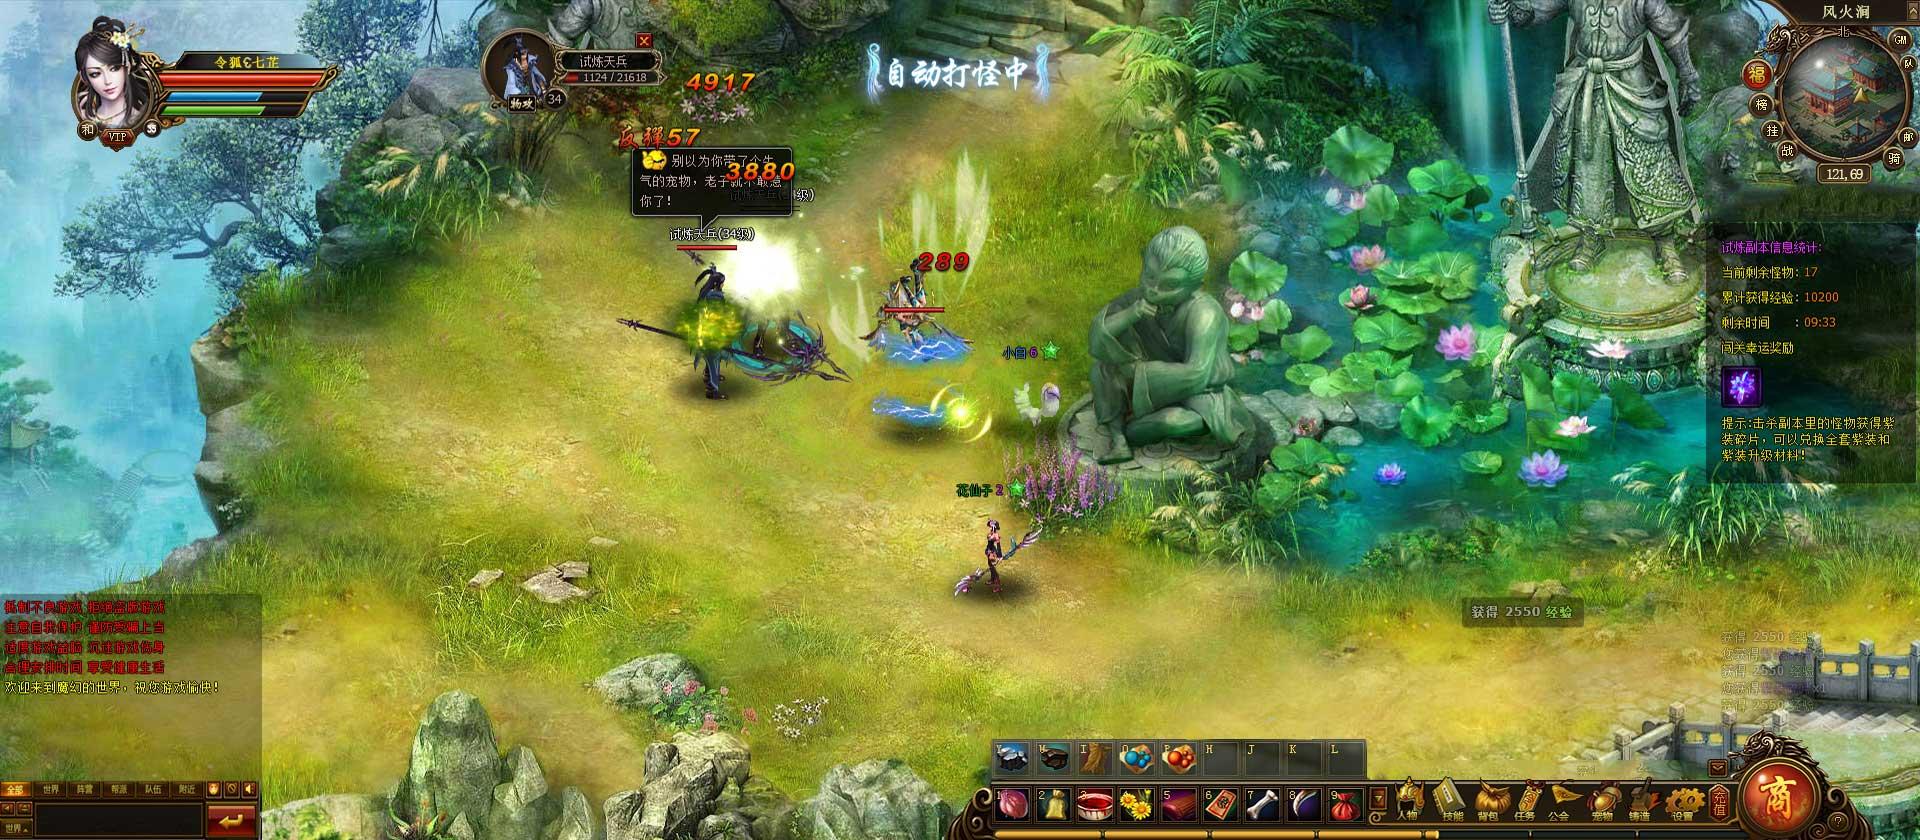 上古神话游戏截图3